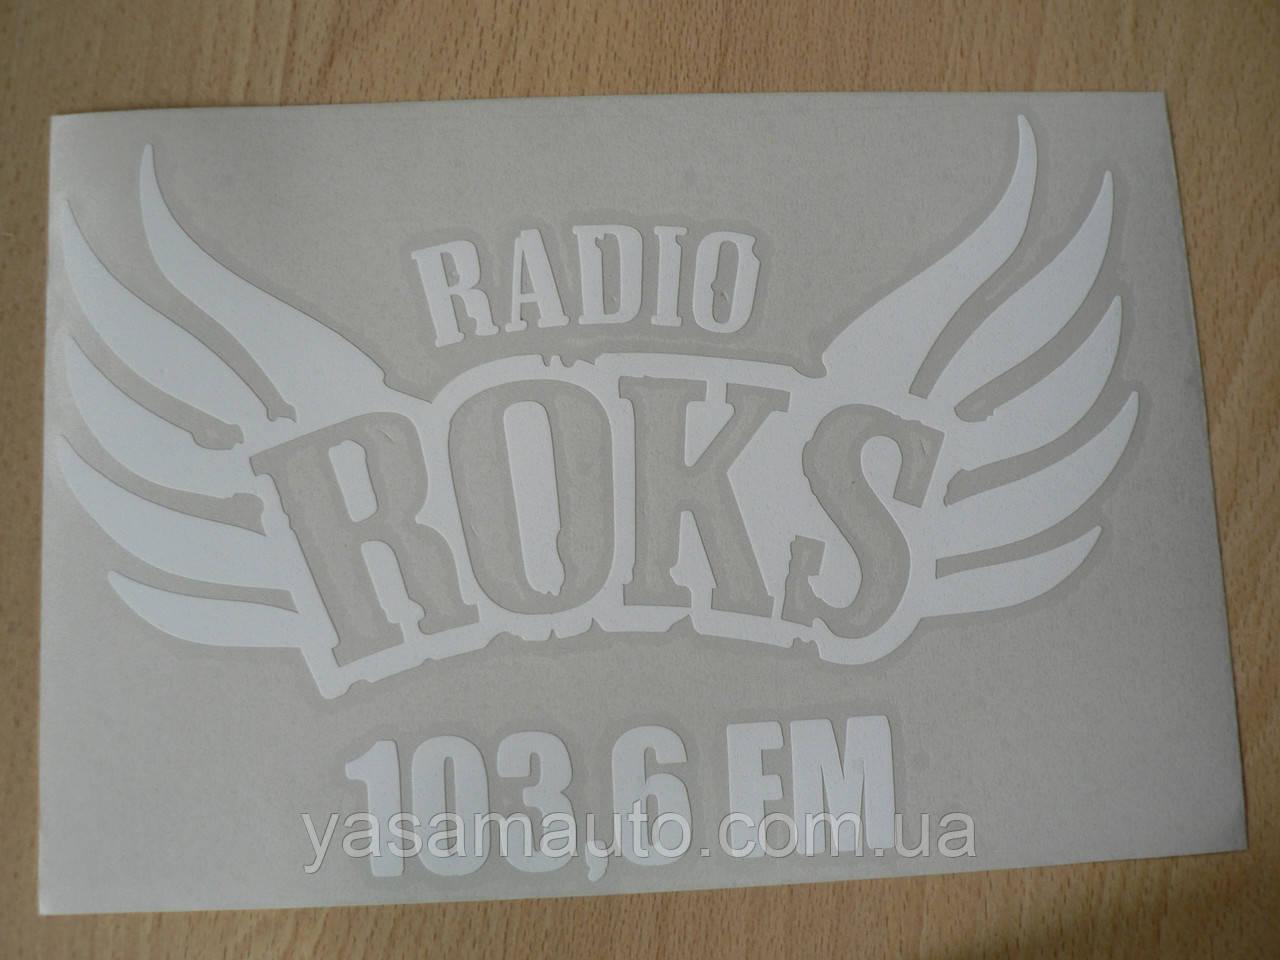 Наклейка vc музыка RADIO ROKS 103,6 FM белая 221х153мм Радио Рокс 103.6 ФМ виниловая контурная на авто